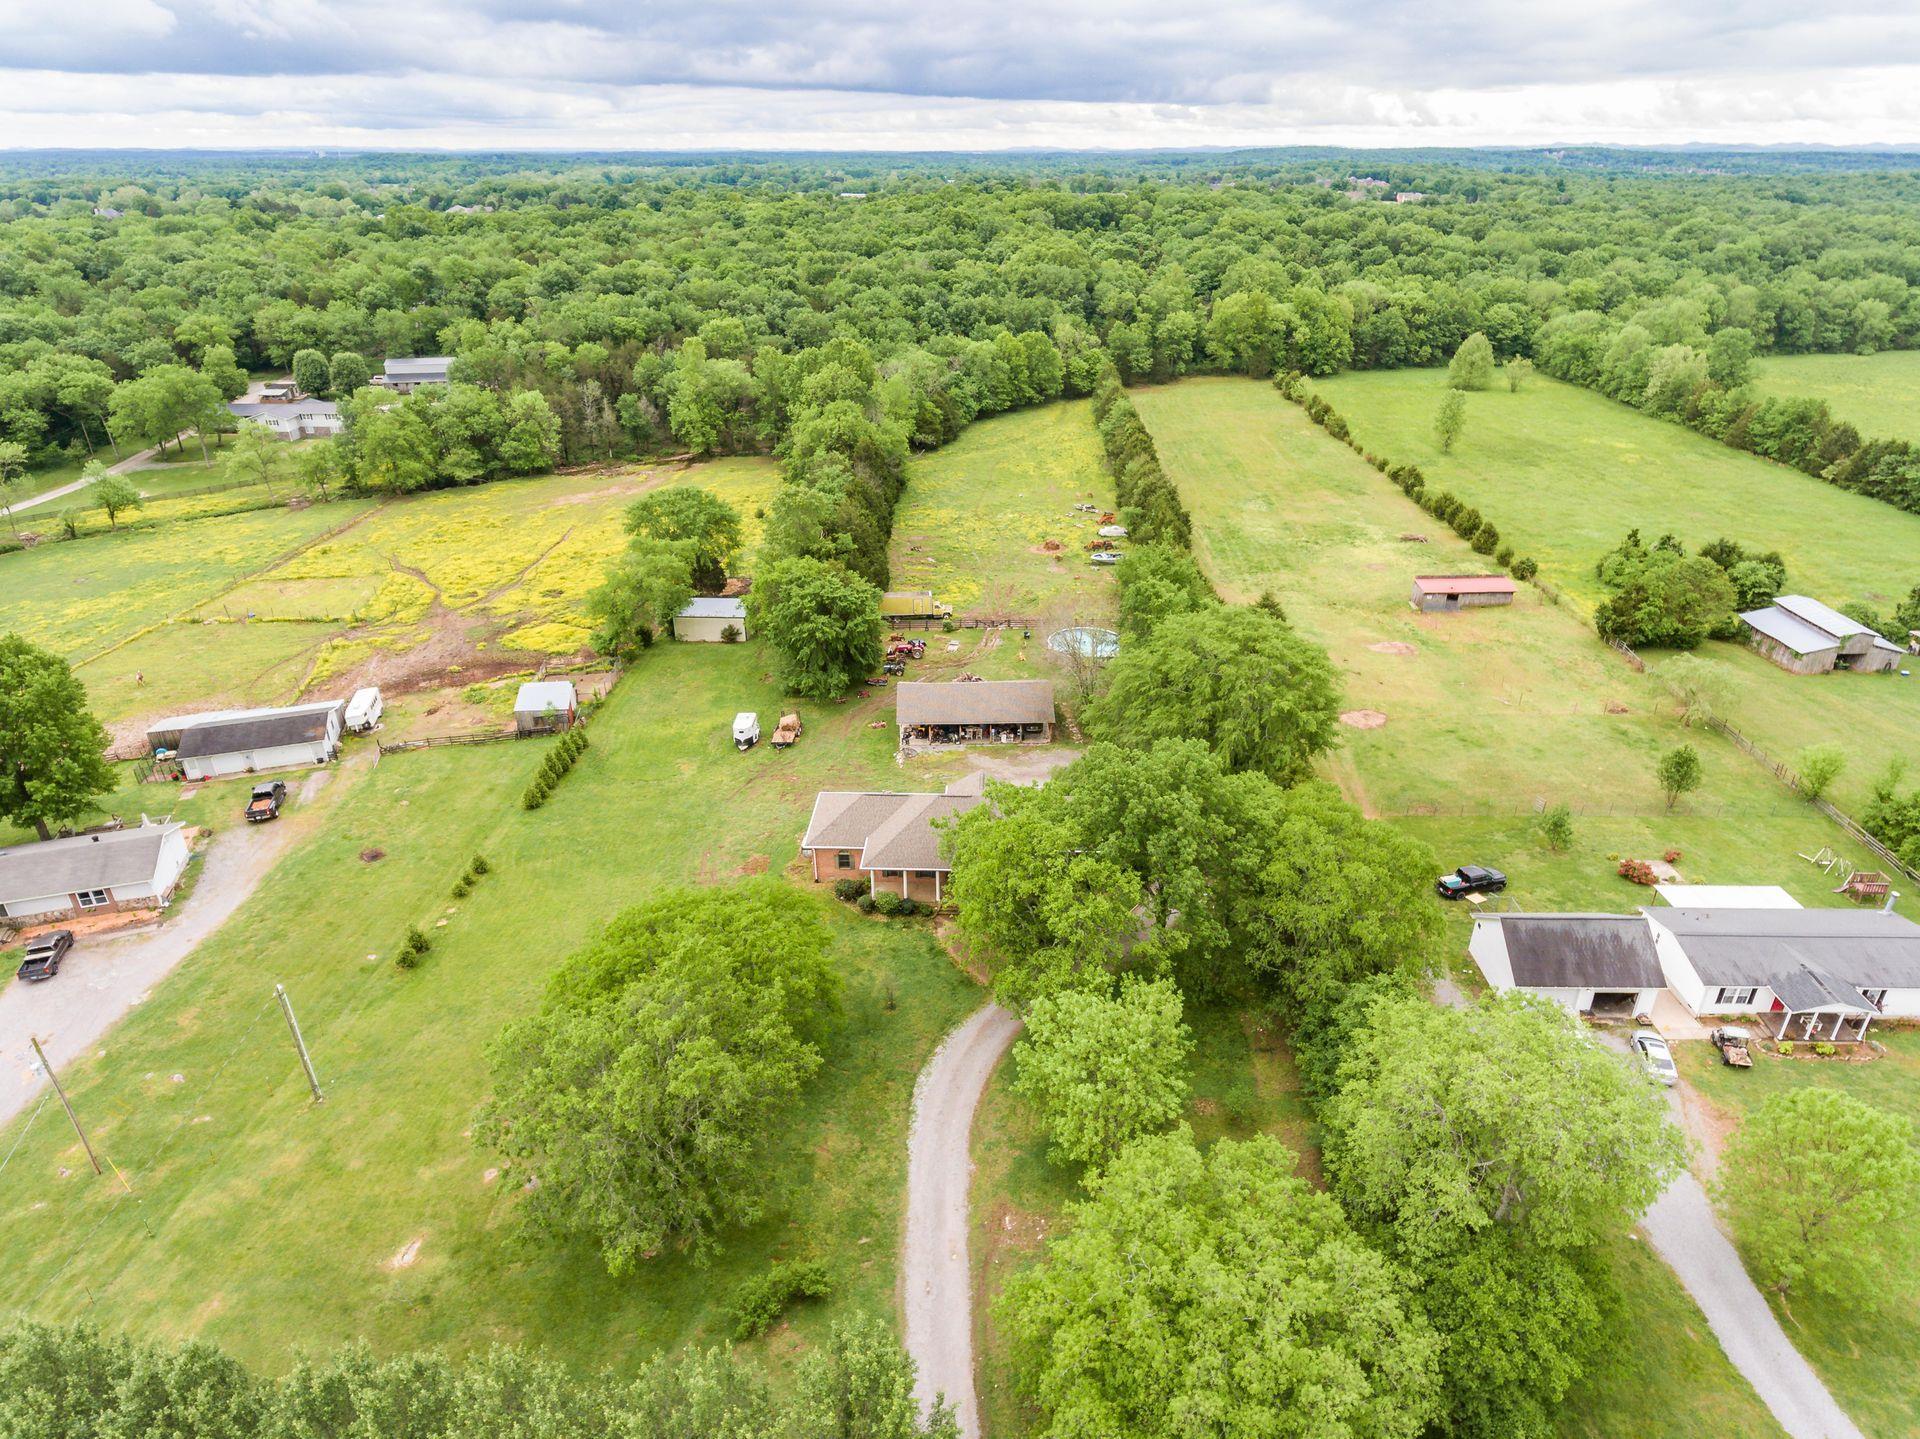 1525 Harkreader Rd, Mount Juliet, TN 37122 - Mount Juliet, TN real estate listing